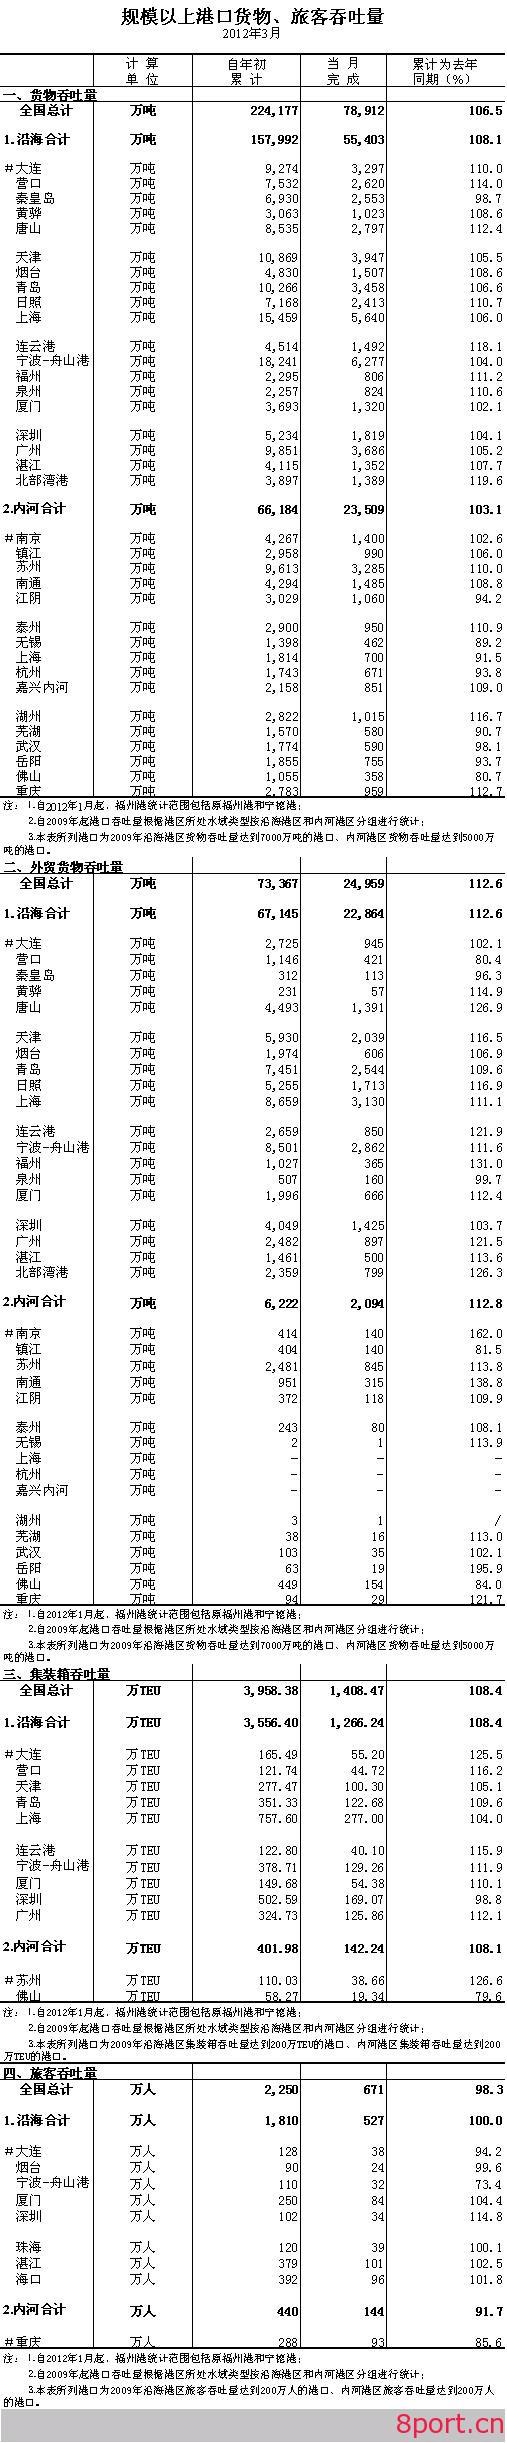 2012年3月规模以上港口货物、旅客吞吐量-港口技术安全网